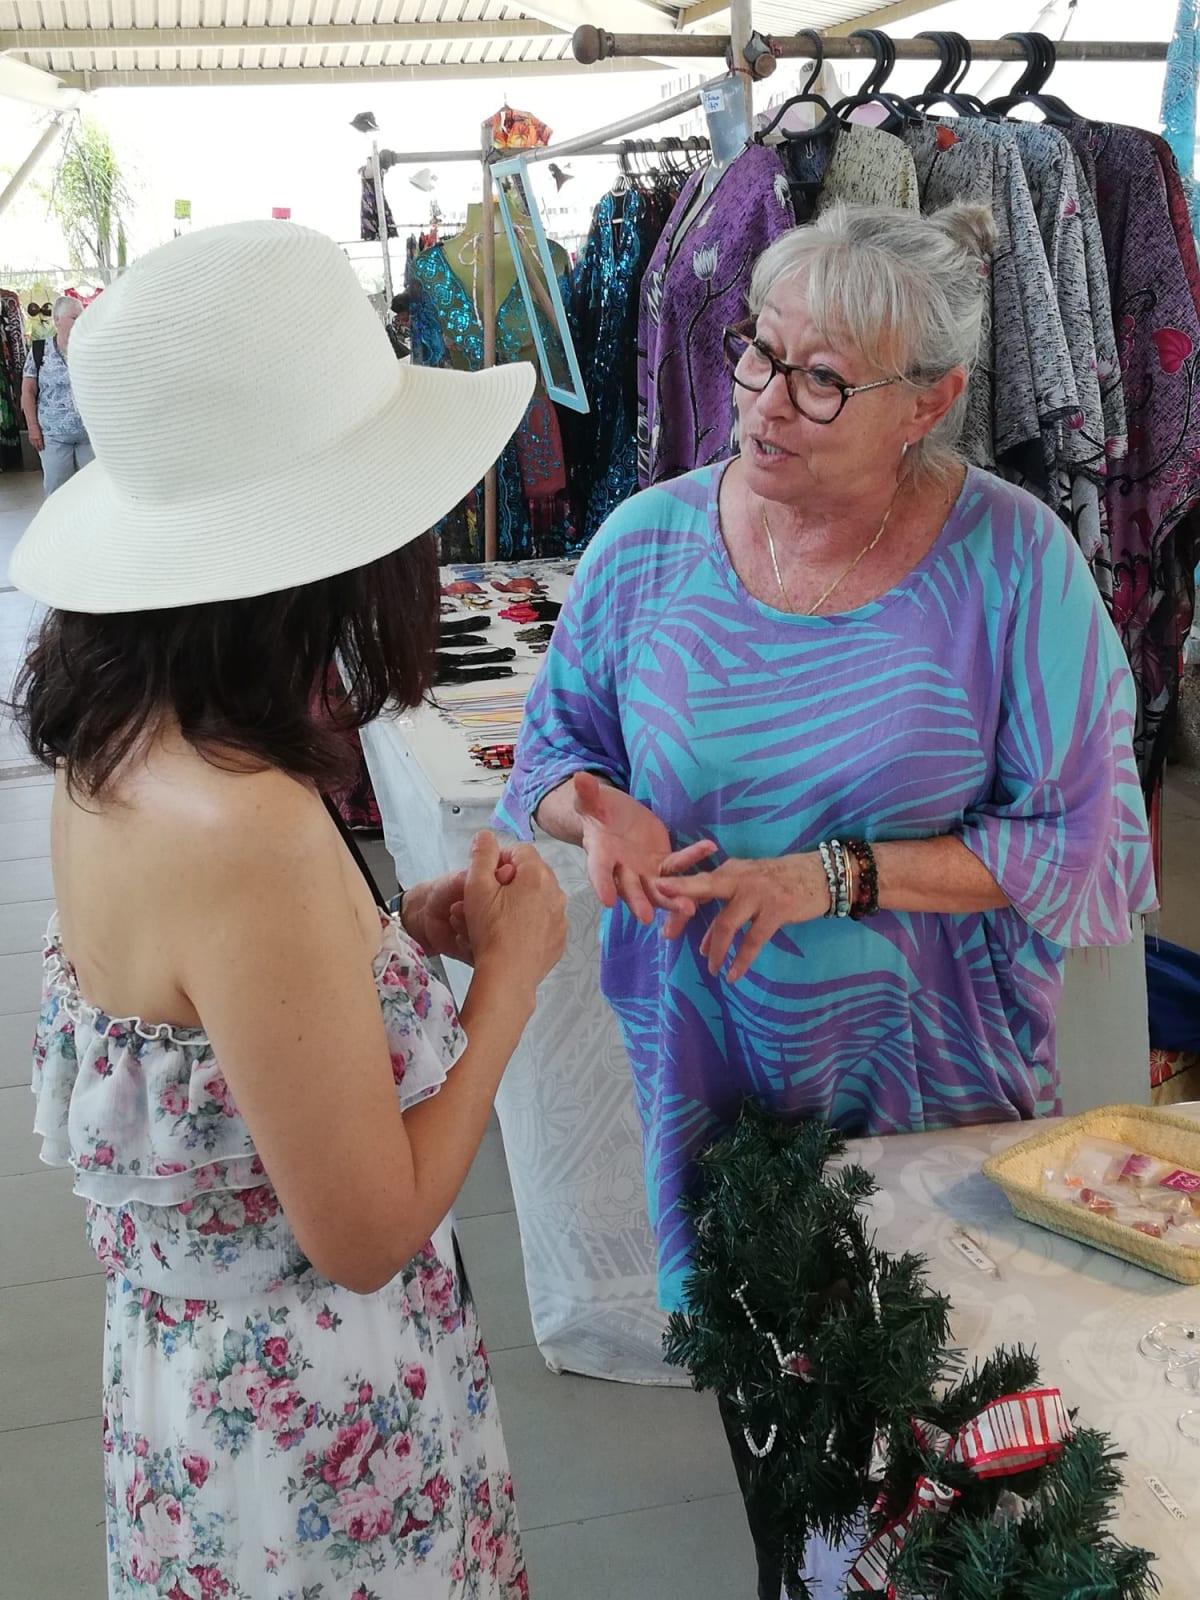 ヌメア、ニューカレドニア 港の真珠店にてネックレスを購入。フランス領だが、オーナーはきれいな英語を喋った。